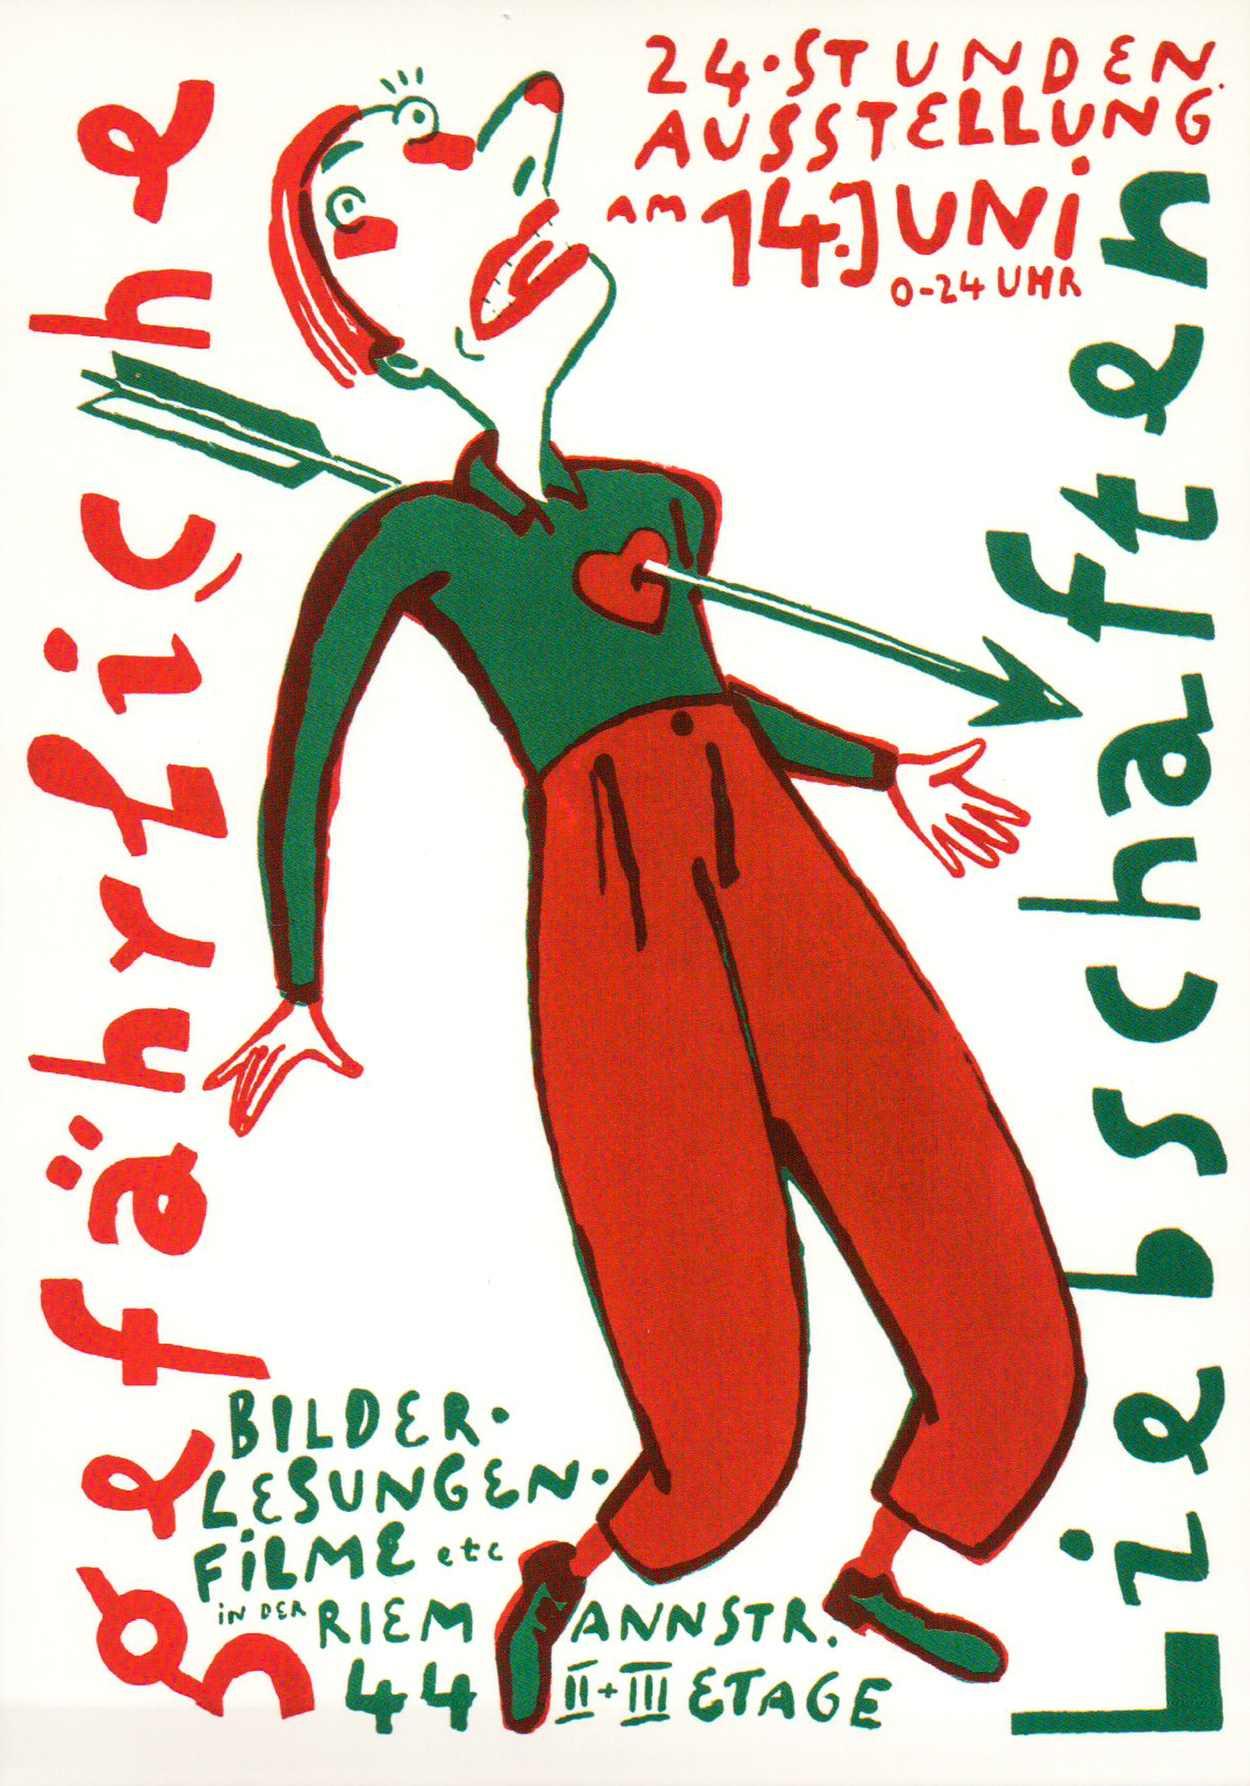 Gefährliche Liebschaften - die letzte 24-Stunden-Ausstellung in der Reimannstraße 1997.